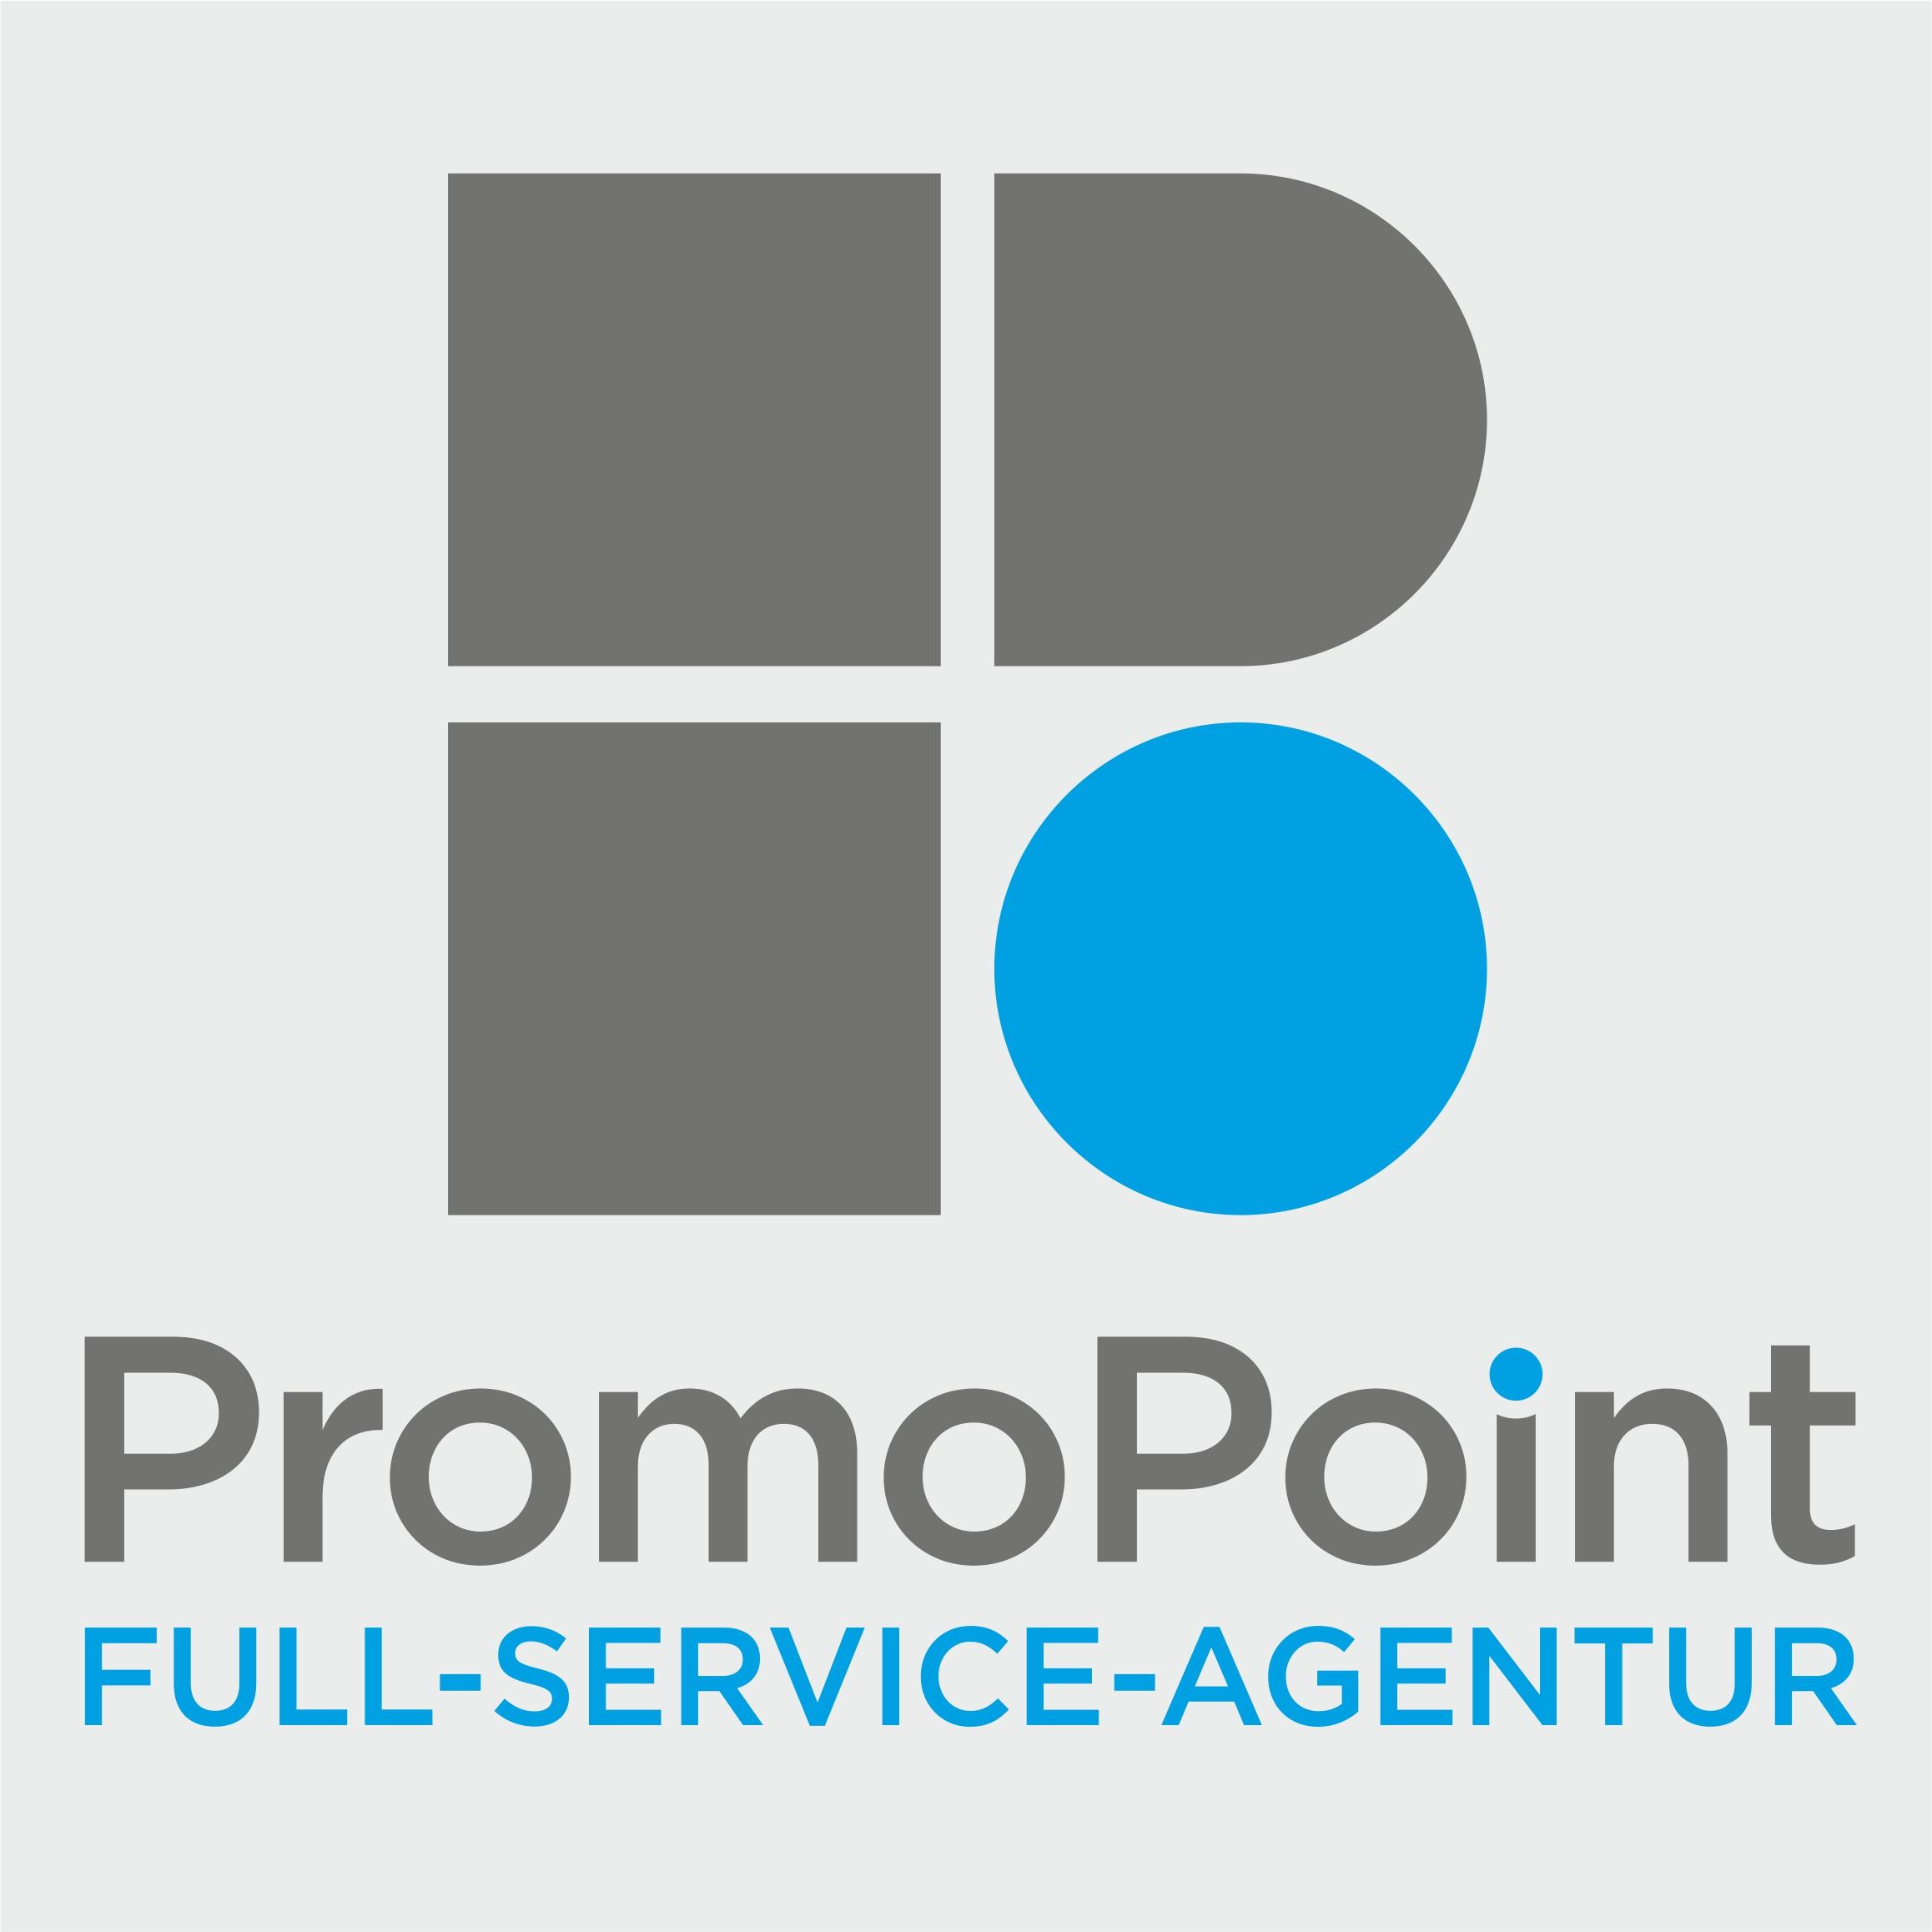 2021-04-12_6074555dd2b99_Logo